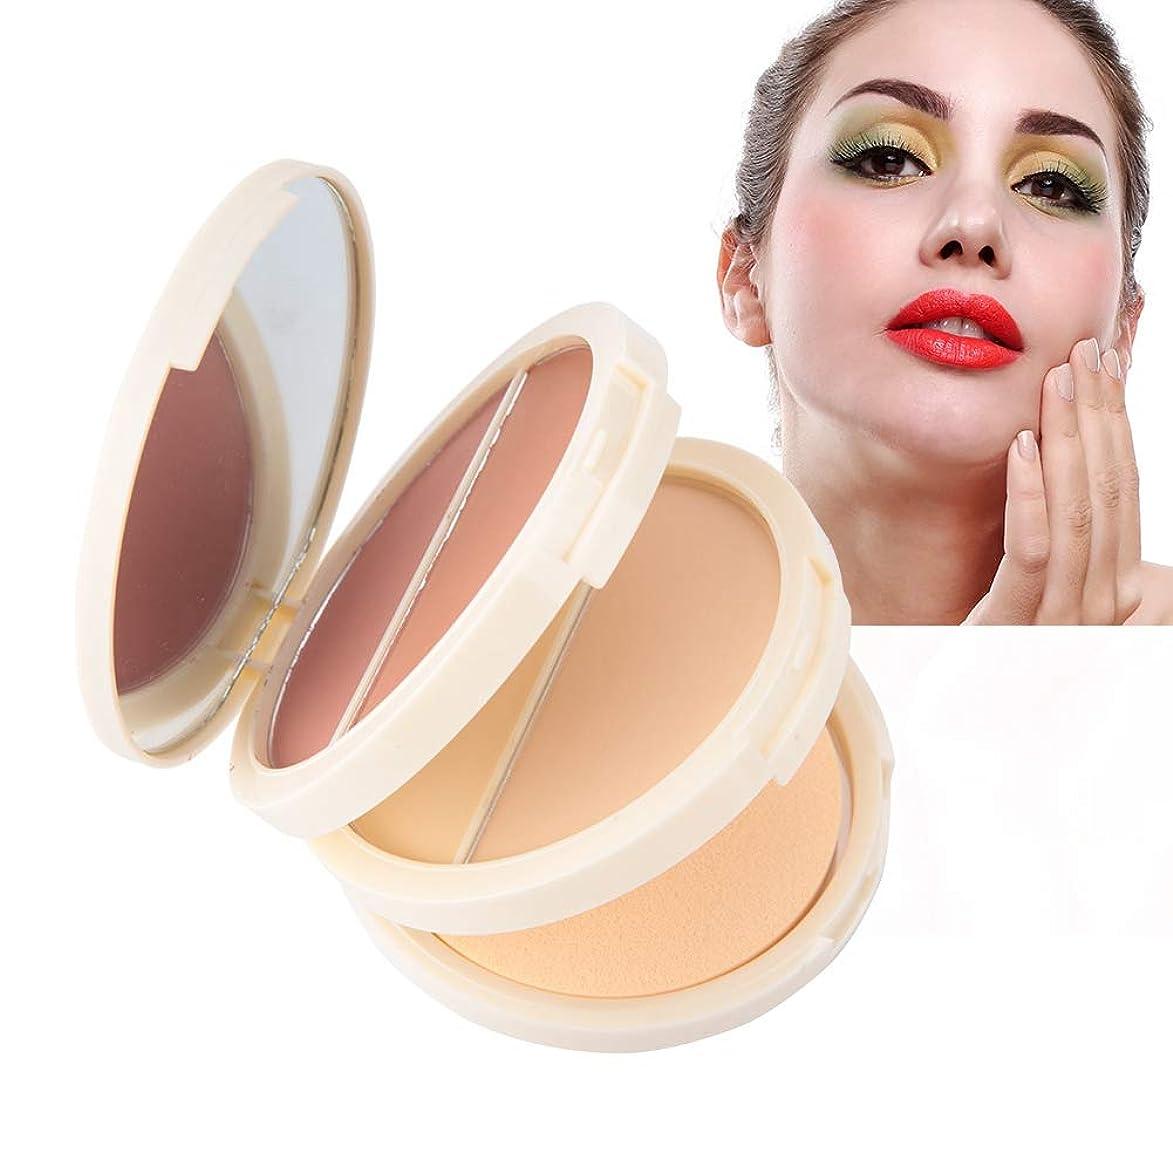 機関評決一生化粧品、オイル管理および防水および長続きがする効果のための1つのコンシーラーの粉の赤面粉に付き3つ